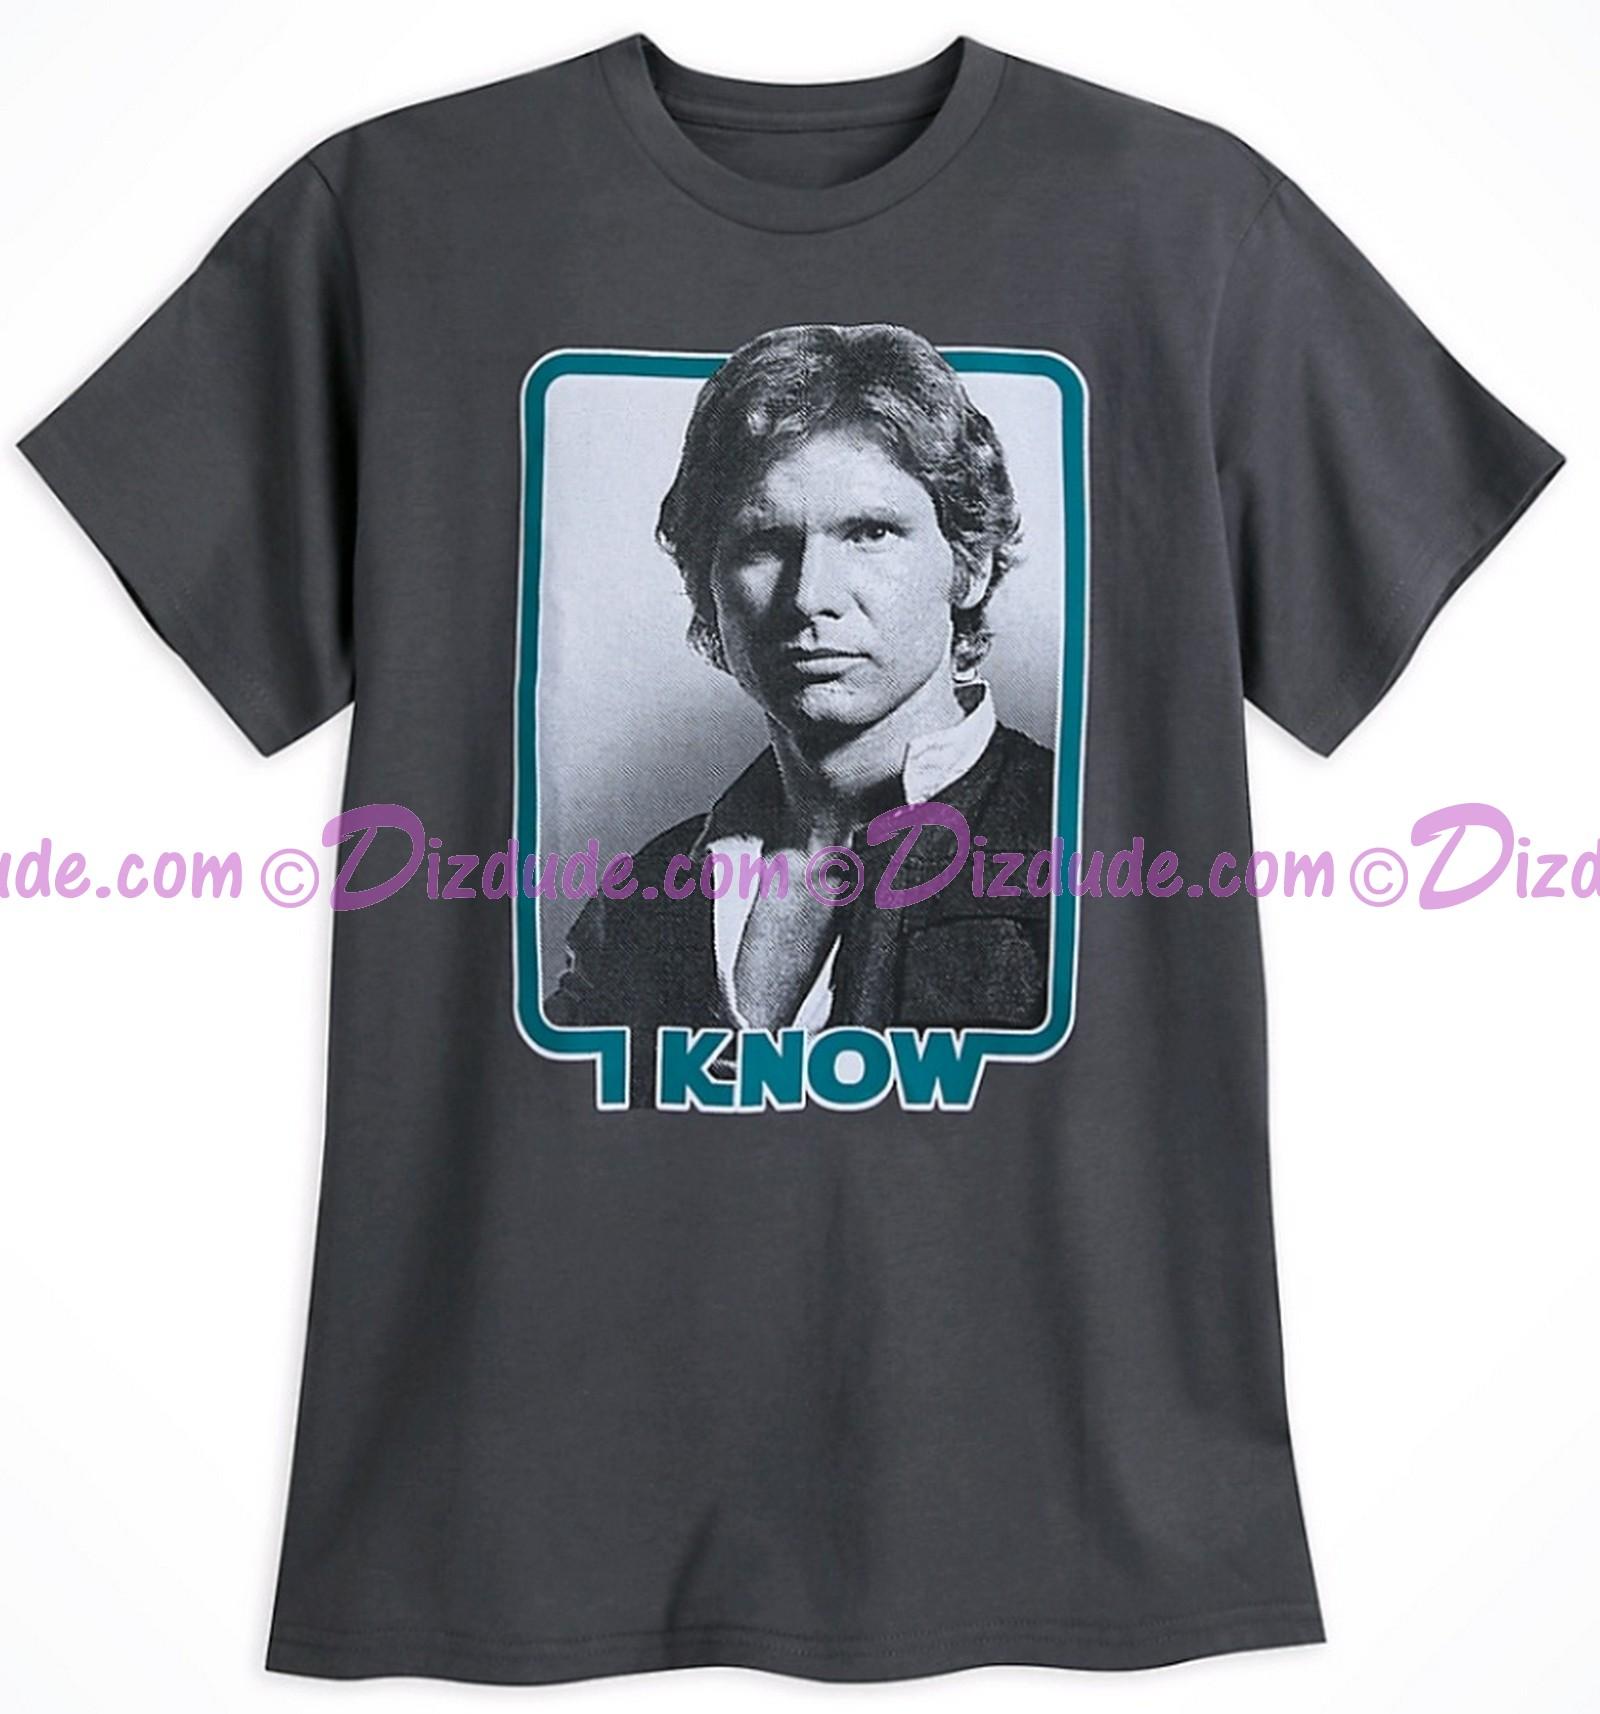 """Disney Star Wars Han Solo """"I Know"""" Adult T-Shirt (Tshirt, T shirt or Tee) © Dizdude.com"""